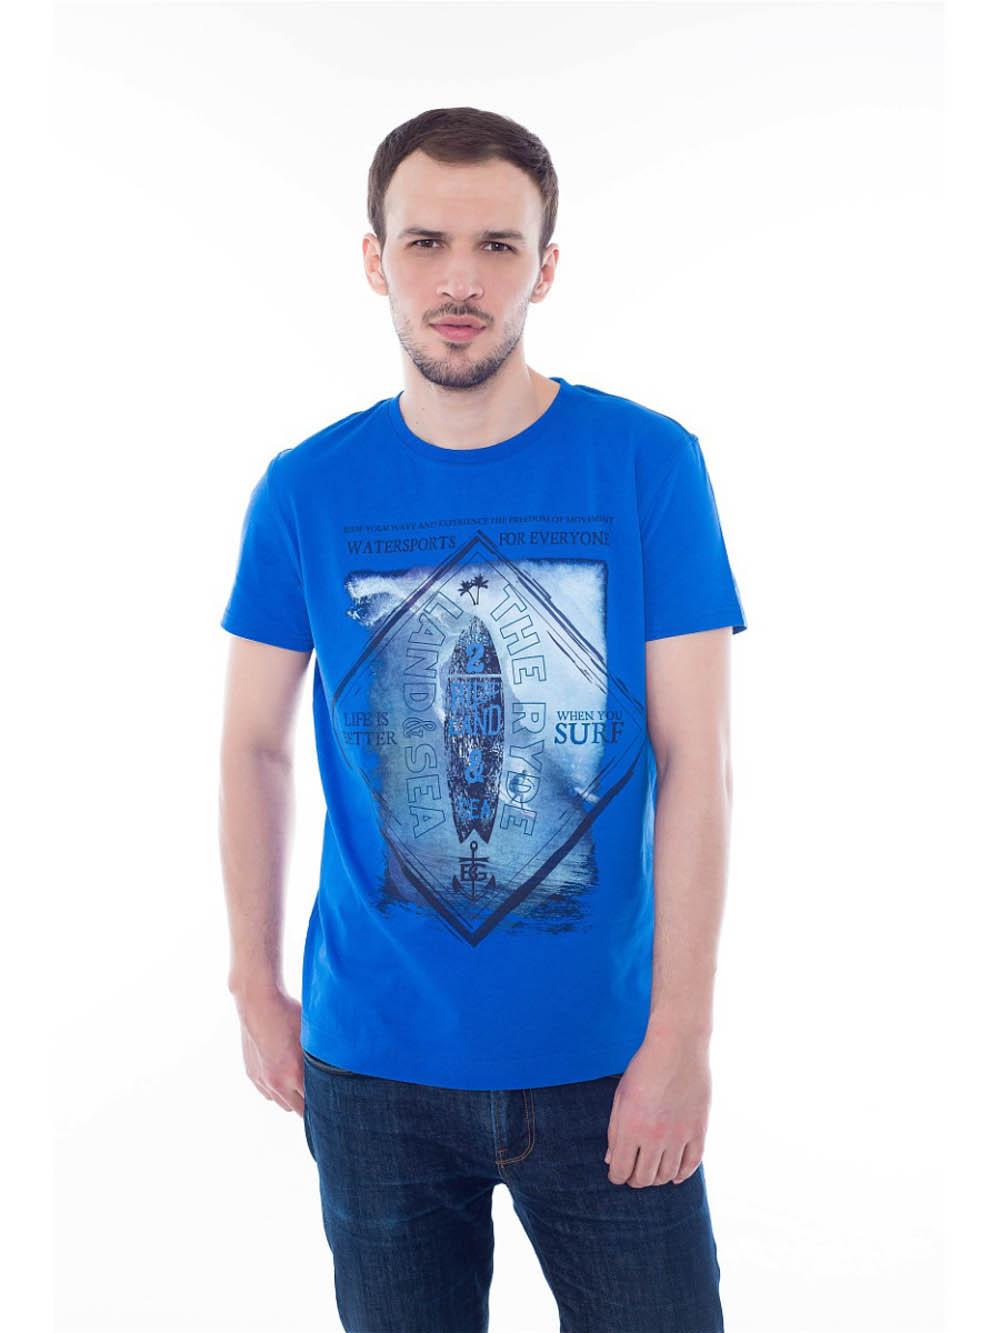 Футболки BeGood Футболка Water Sports Цвет: Синий (xL) футболки begood футболка three цвет фуксия xl